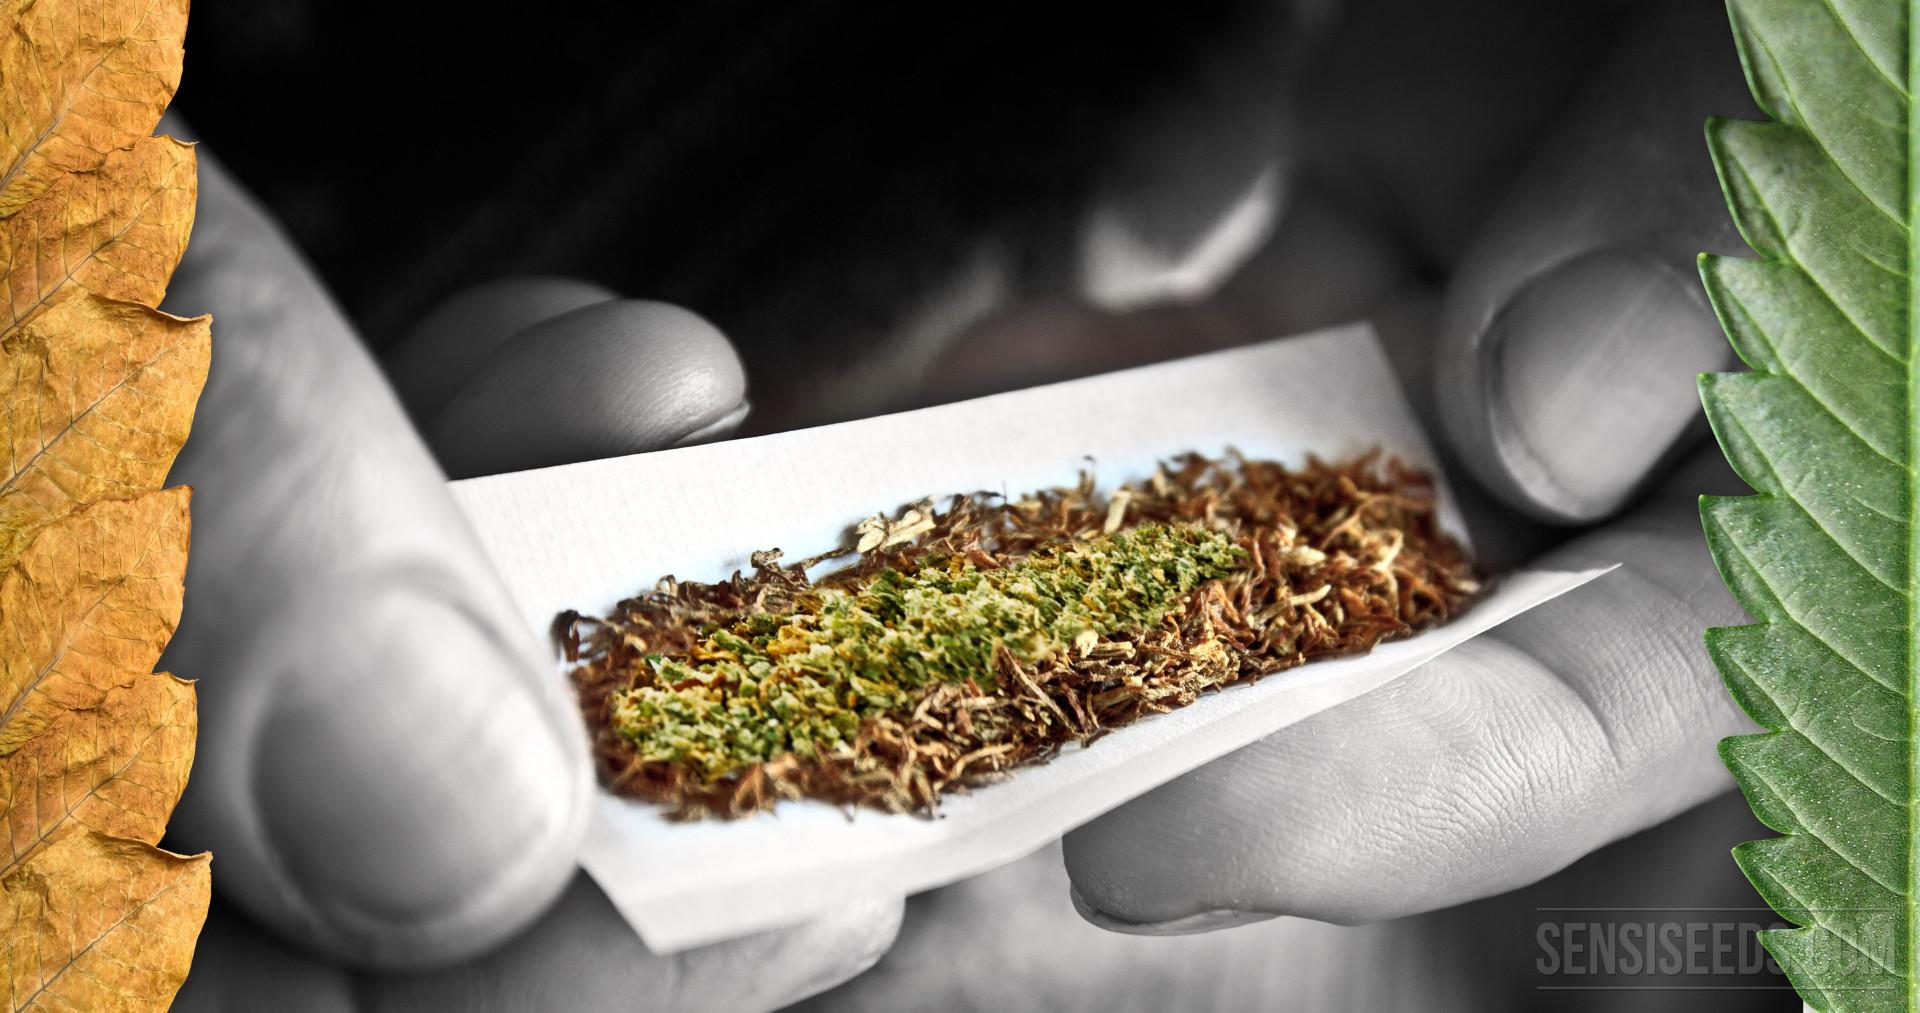 С смешивают для табаком чего марихуану что это сорта марихуаны феминизированные